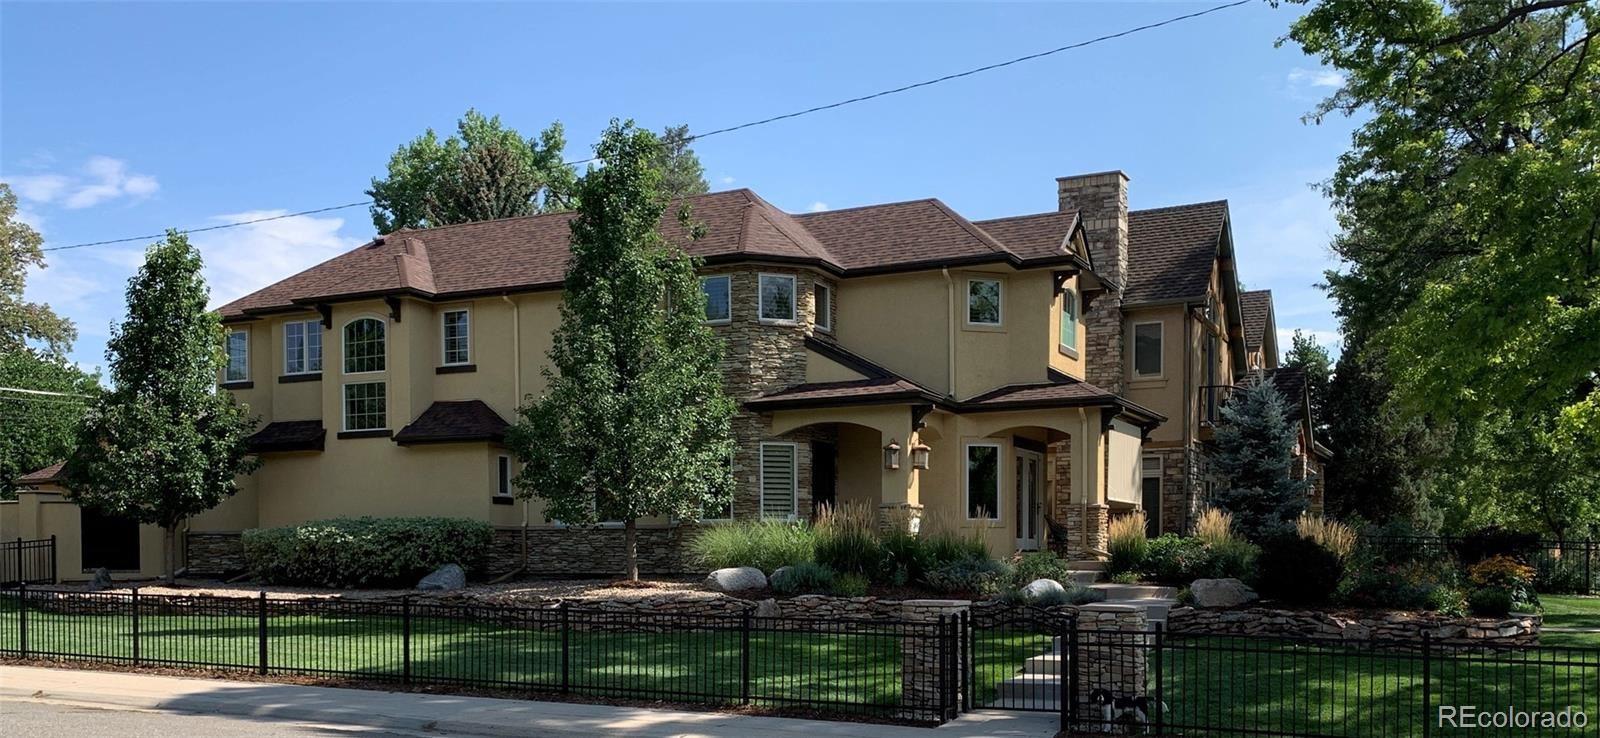 2000 S Cook Street, Denver, CO 80210 - #: 5169907